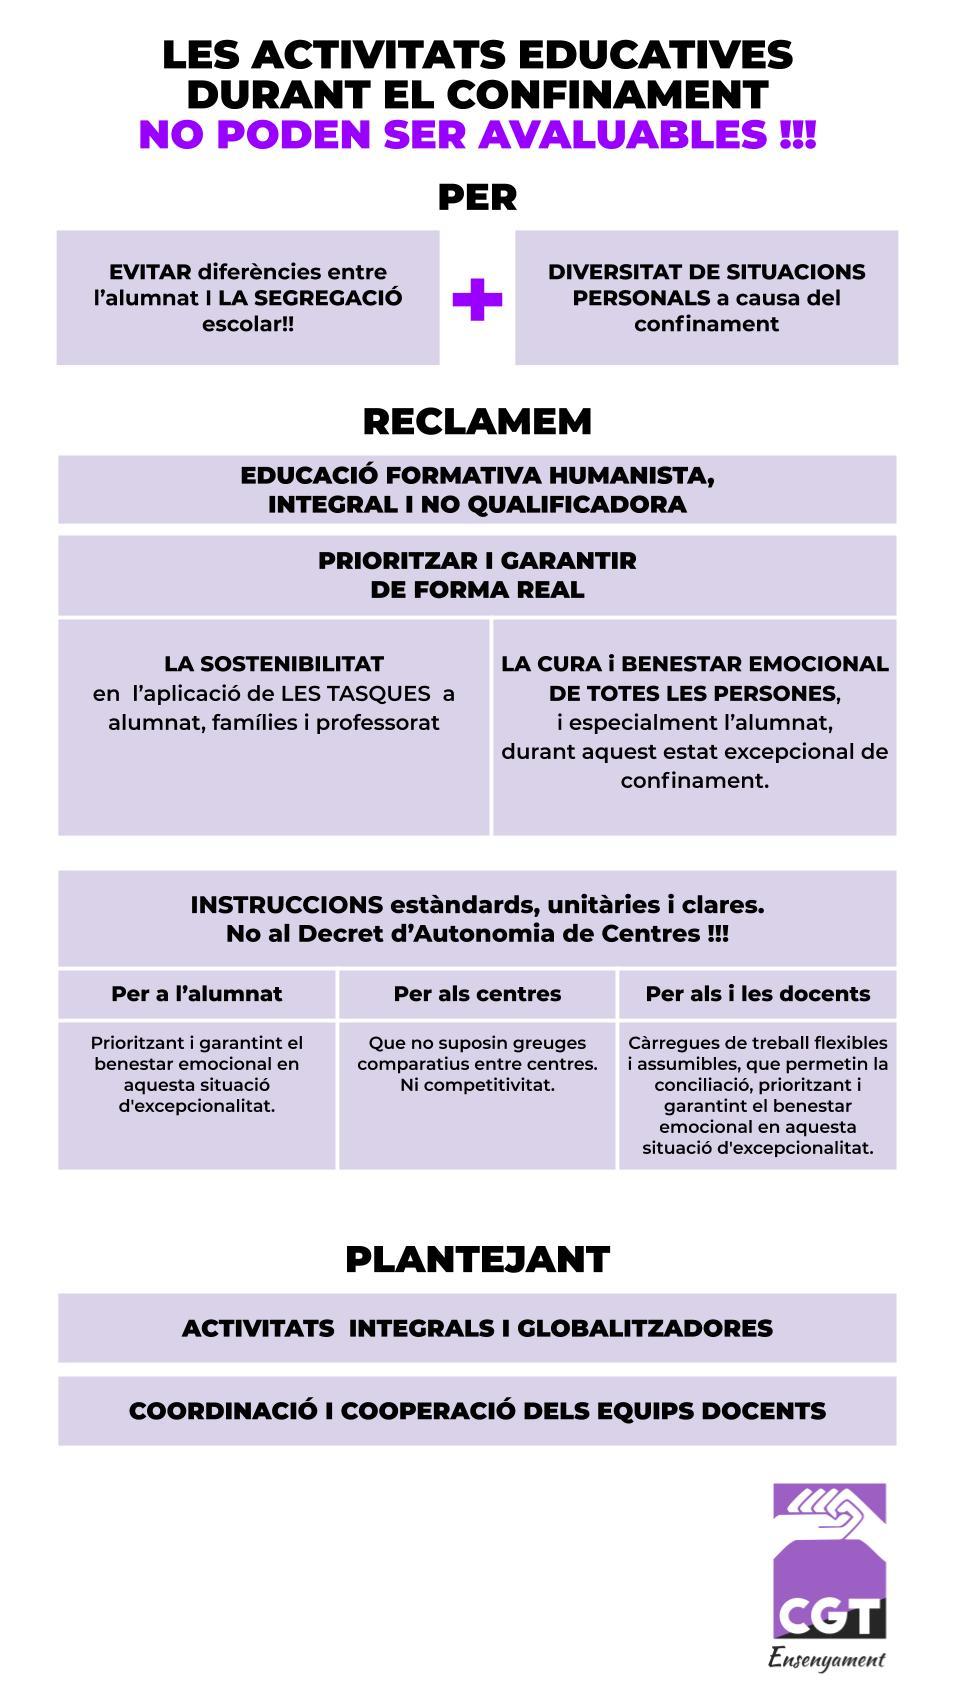 imatge_les_activitats_educatives_durant_confinament.jpg